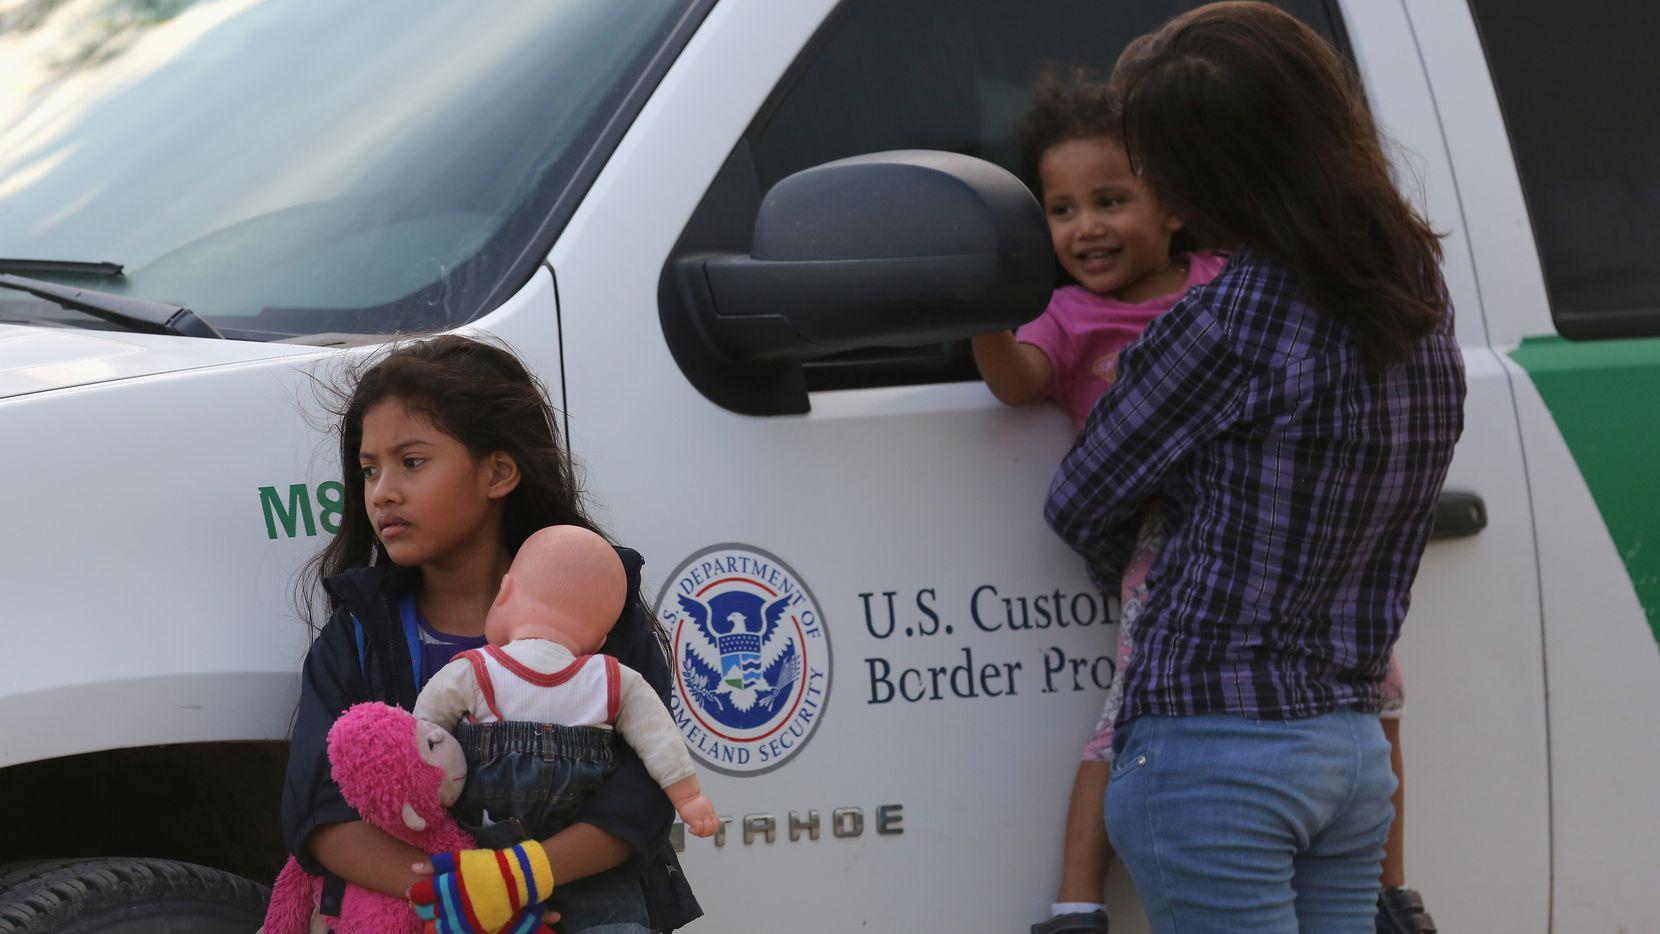 """El gobierno creó un sistema de rastreo al formular su política de """"tolerancia cero"""" en 2018, cuando se separó a más de 2,500 niños de sus padres en la frontera con México, aunque la inspectoría considera que la cifra podría ser mucho mayor."""